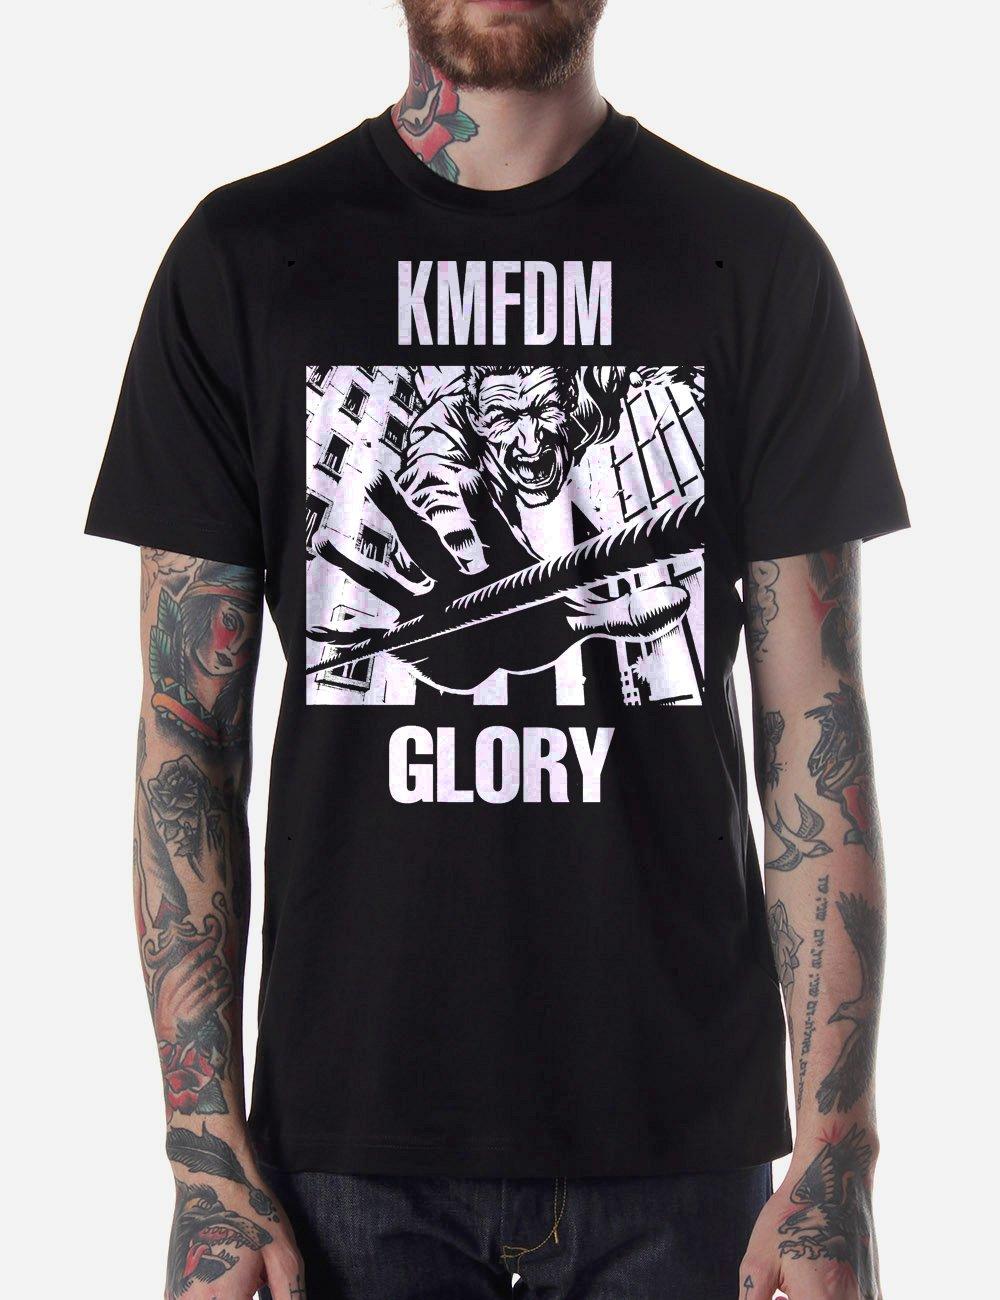 Black Men Tshirt KMFDM MORE & GLORY Black Tshirt For Men